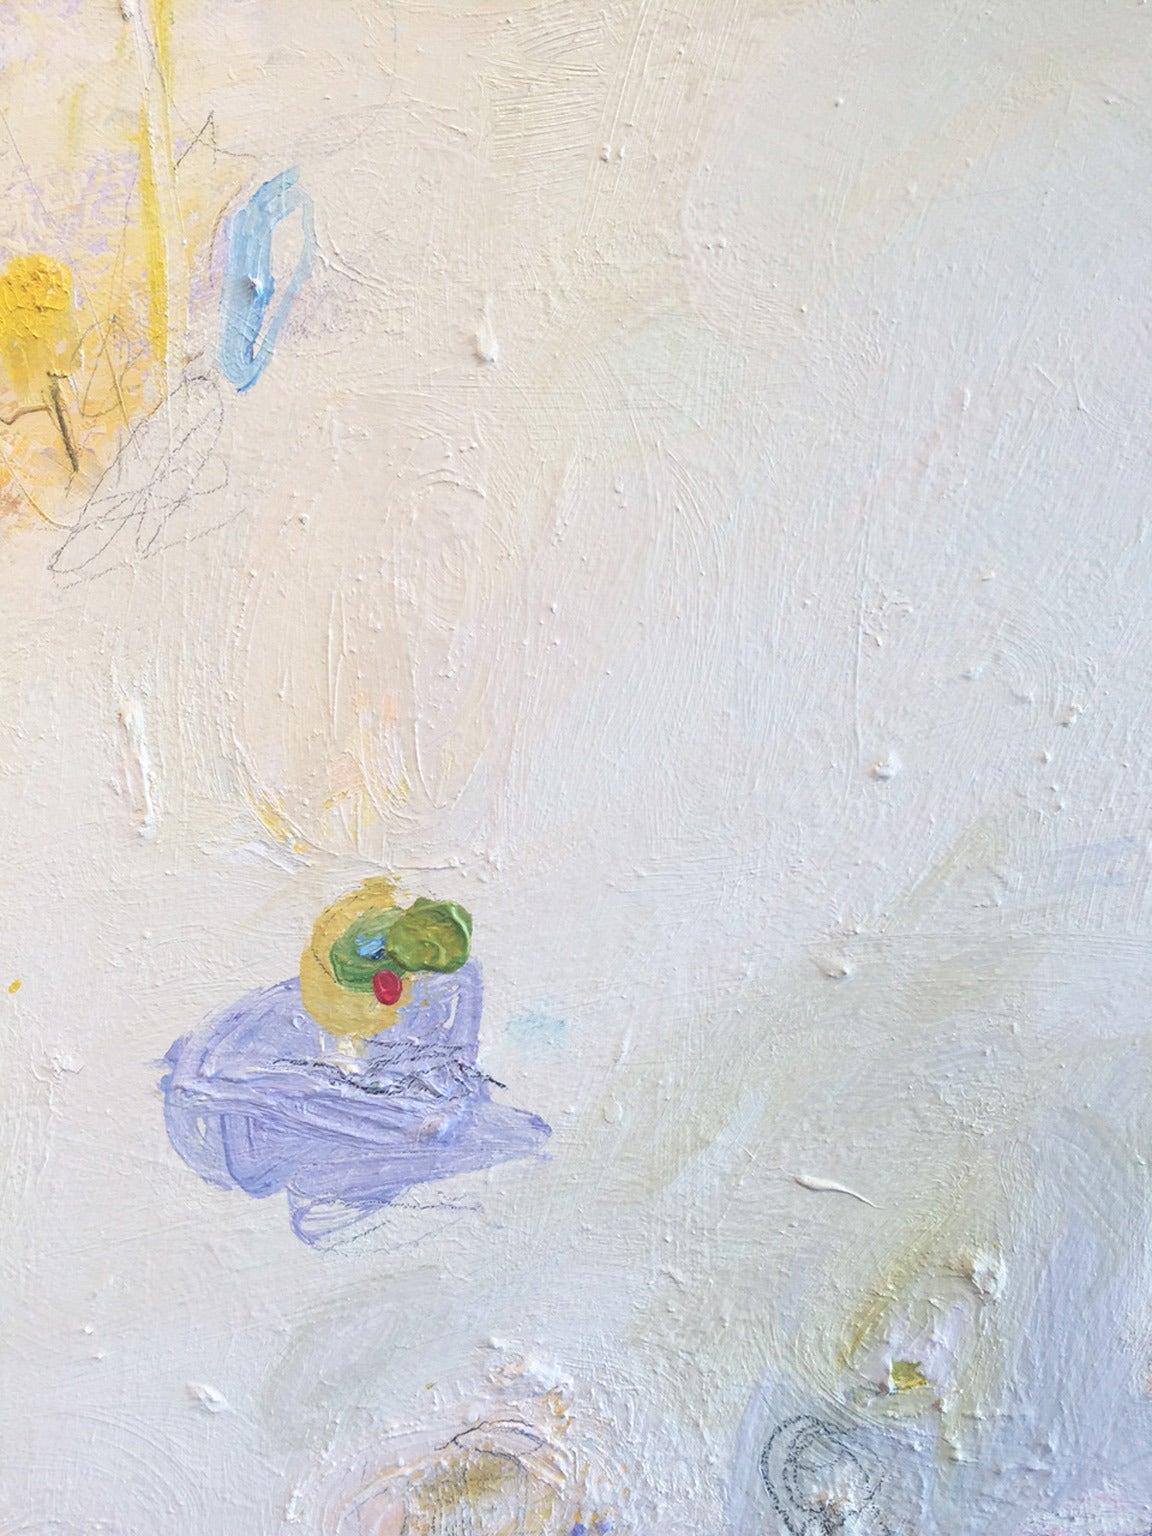 Santa Fe Reflection No.4 - Painting by David Miller